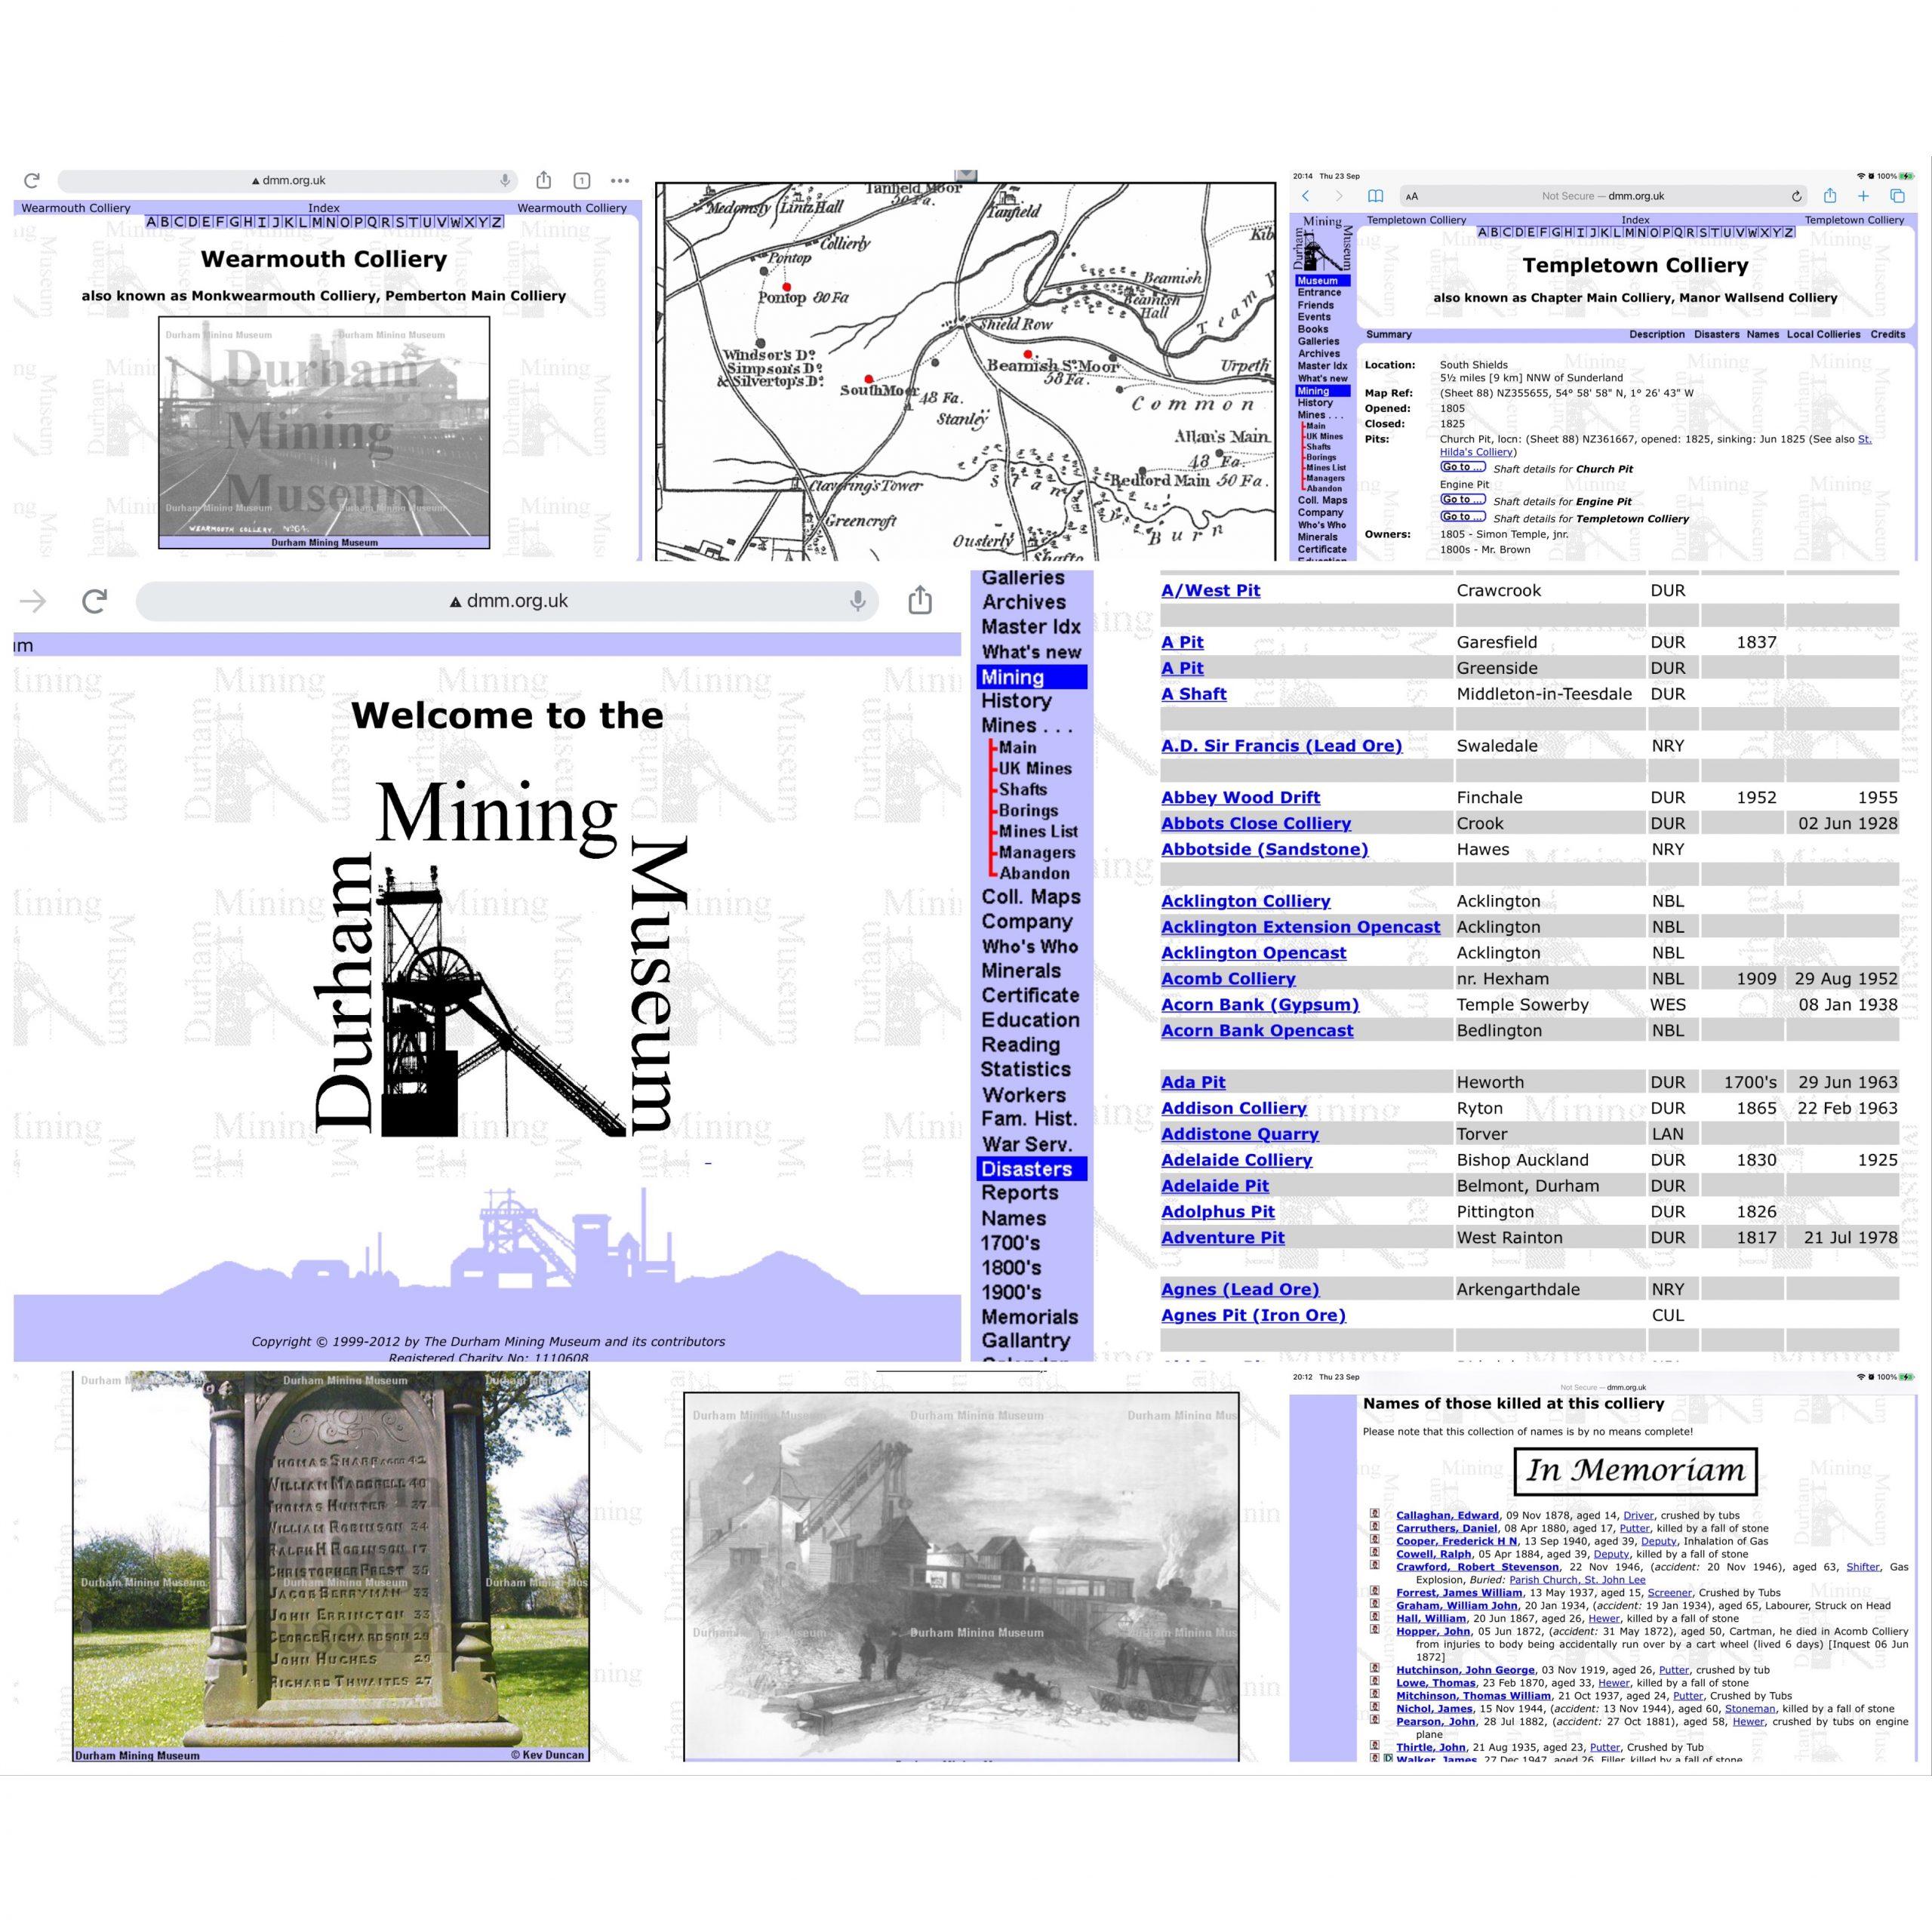 The Durham Mining Museum website